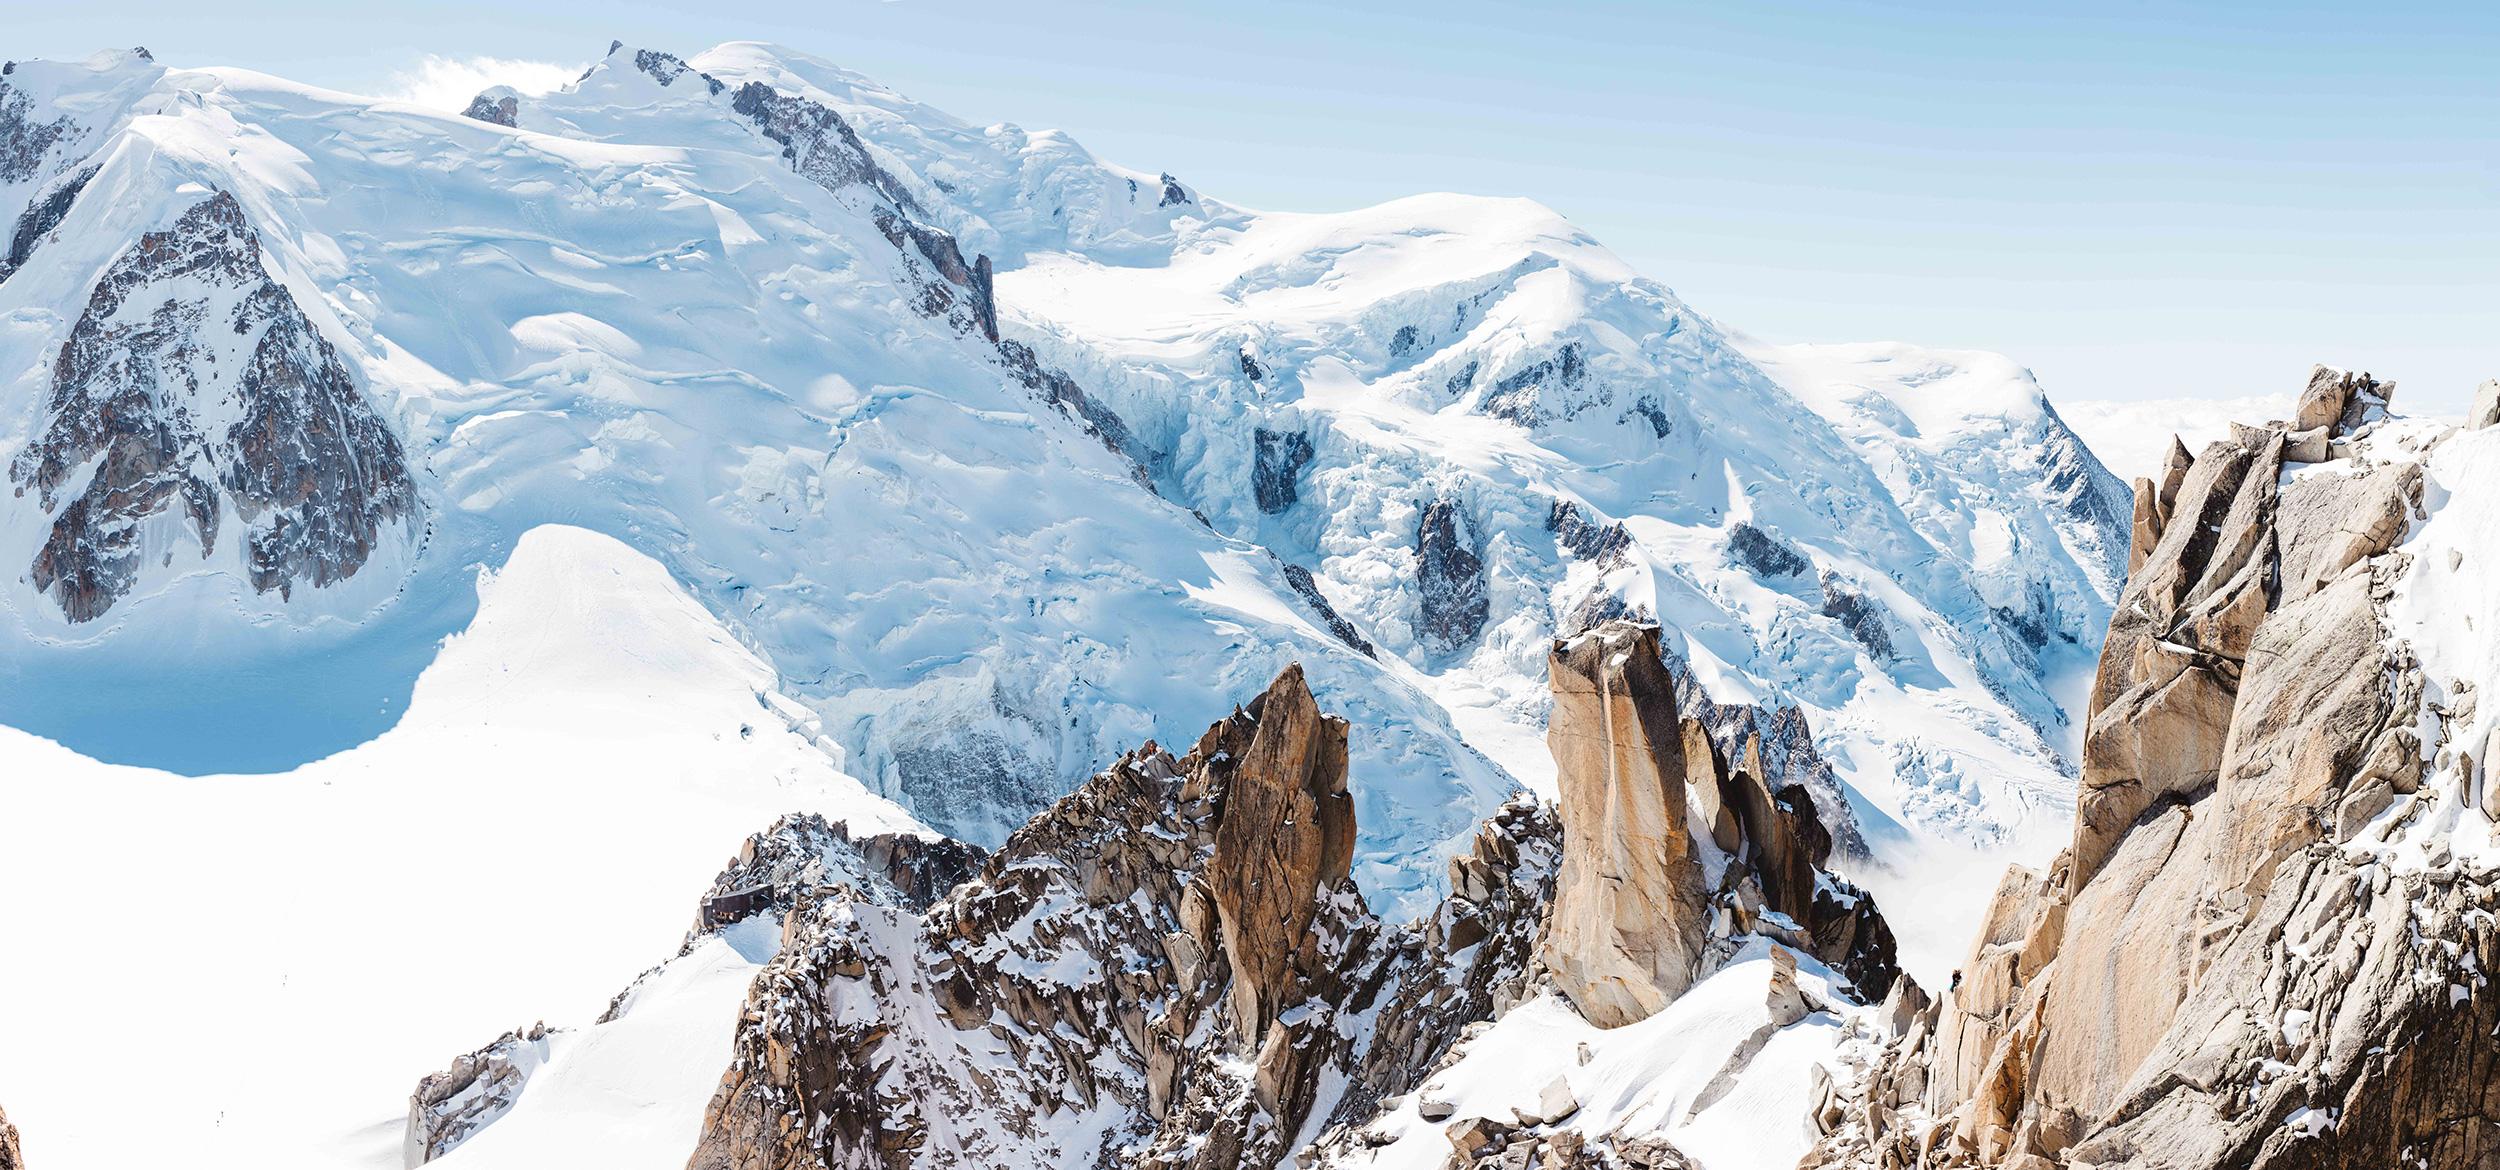 The Aiguille du Midi - Matt Porteous